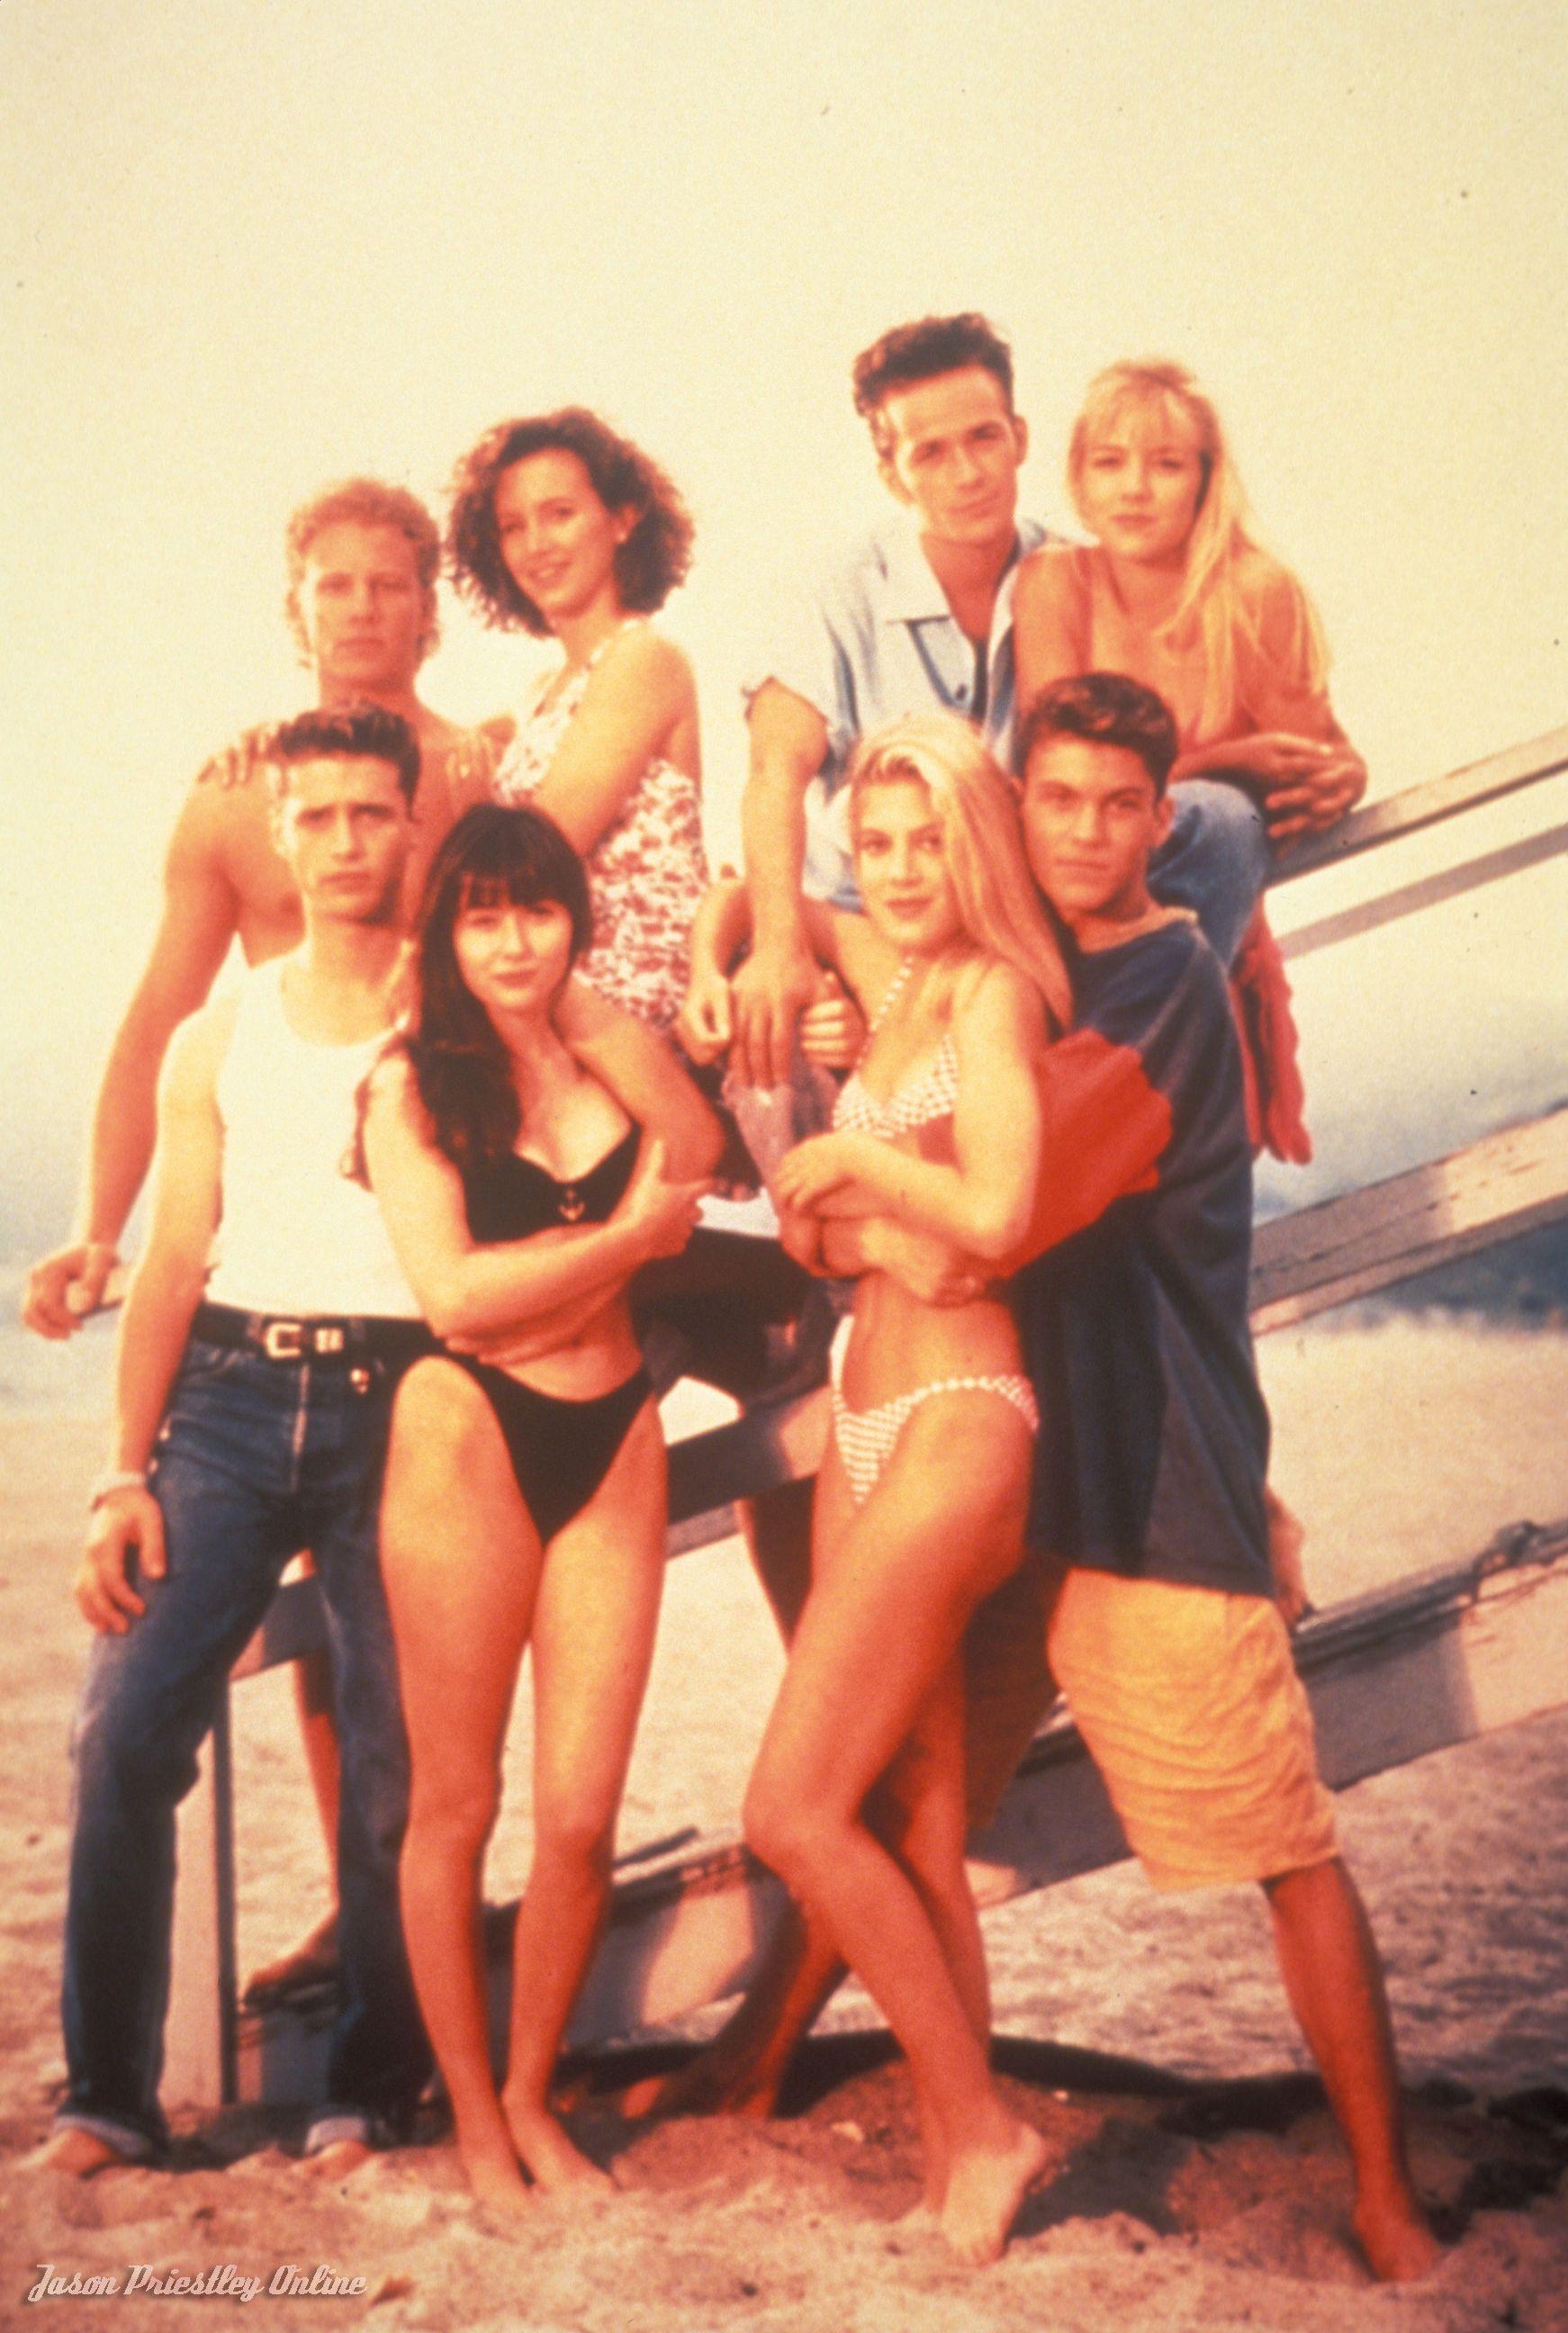 beverly hills 90210 reunion 2003 online